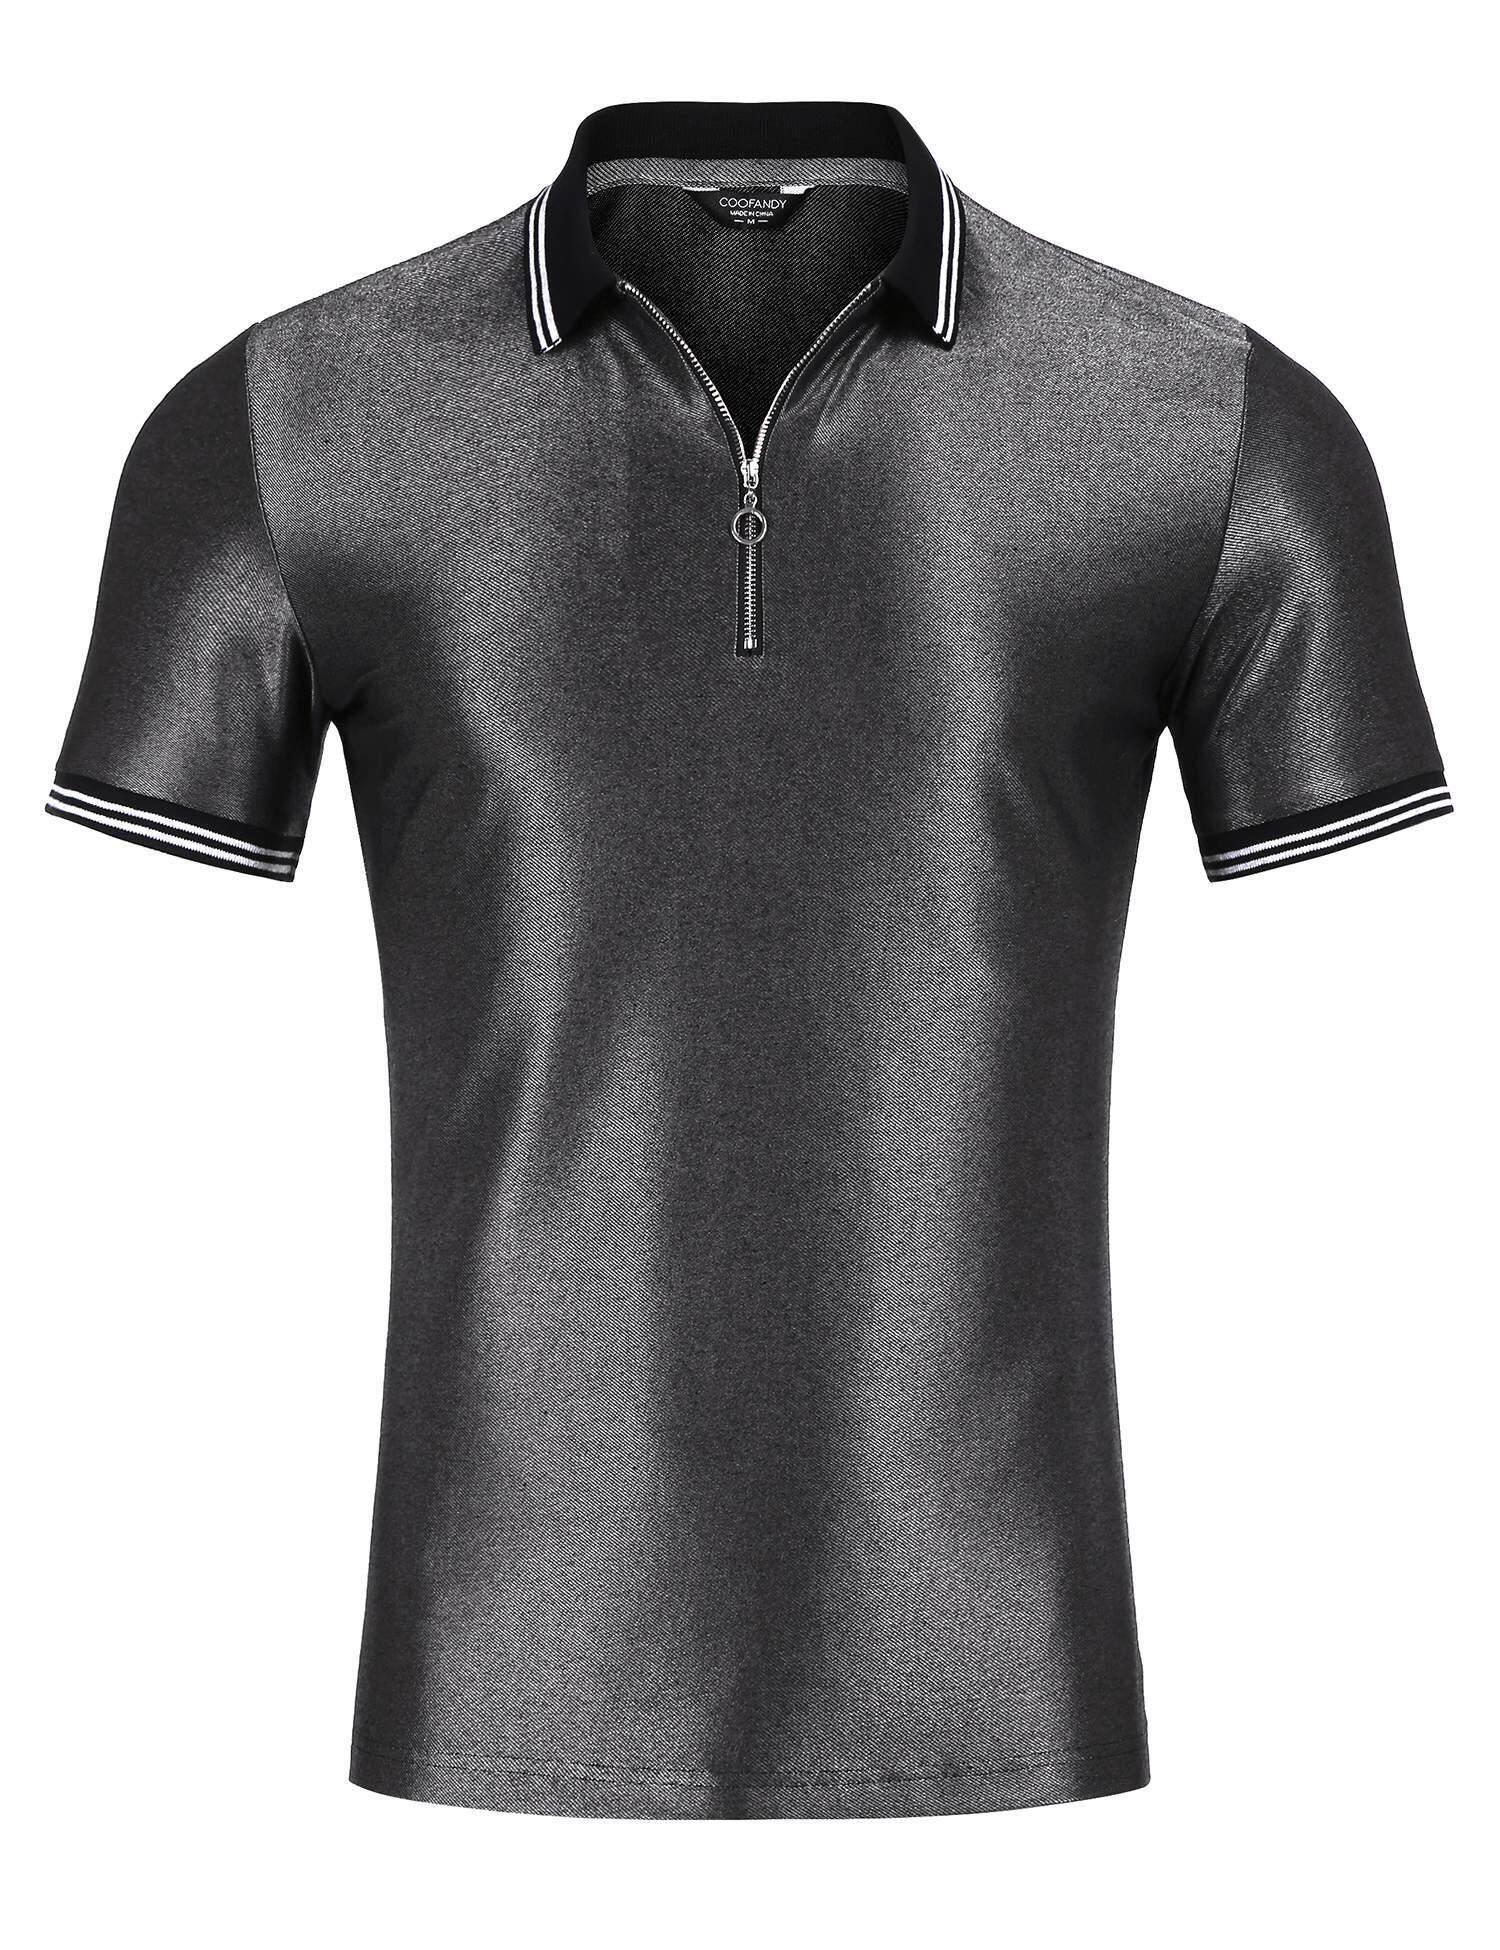 SuperCart Men Turn-down Collar Short Sleeve Zipper Summer Patchwork Polo Shirt - intl